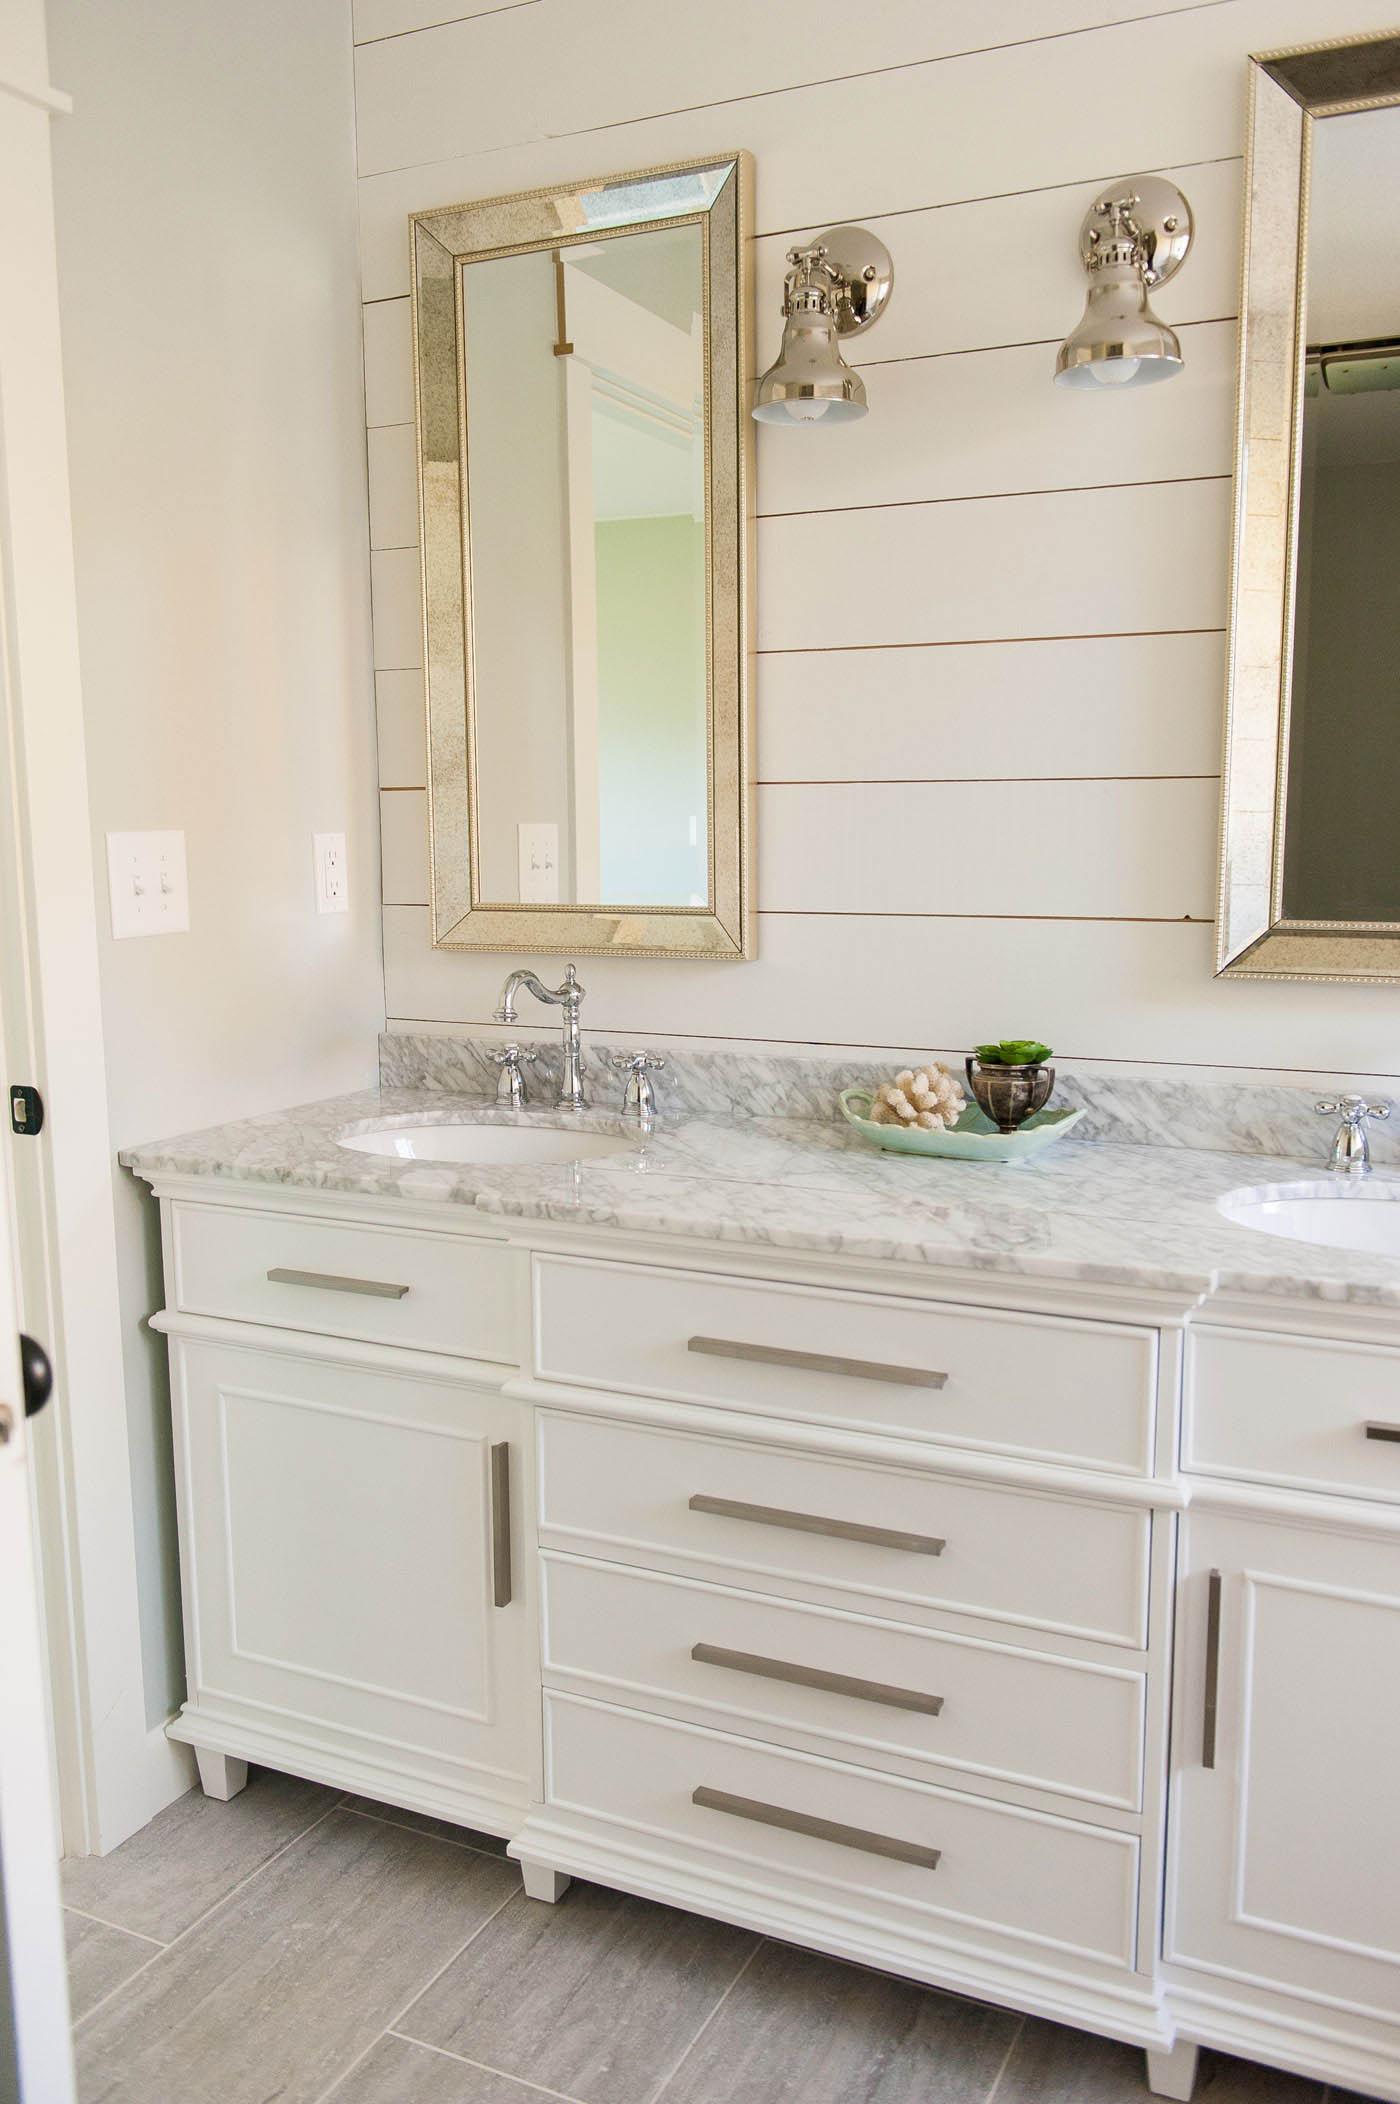 Bathroom Vanity Designs  The Ultimate Guide to Buying a Bathroom Vanity